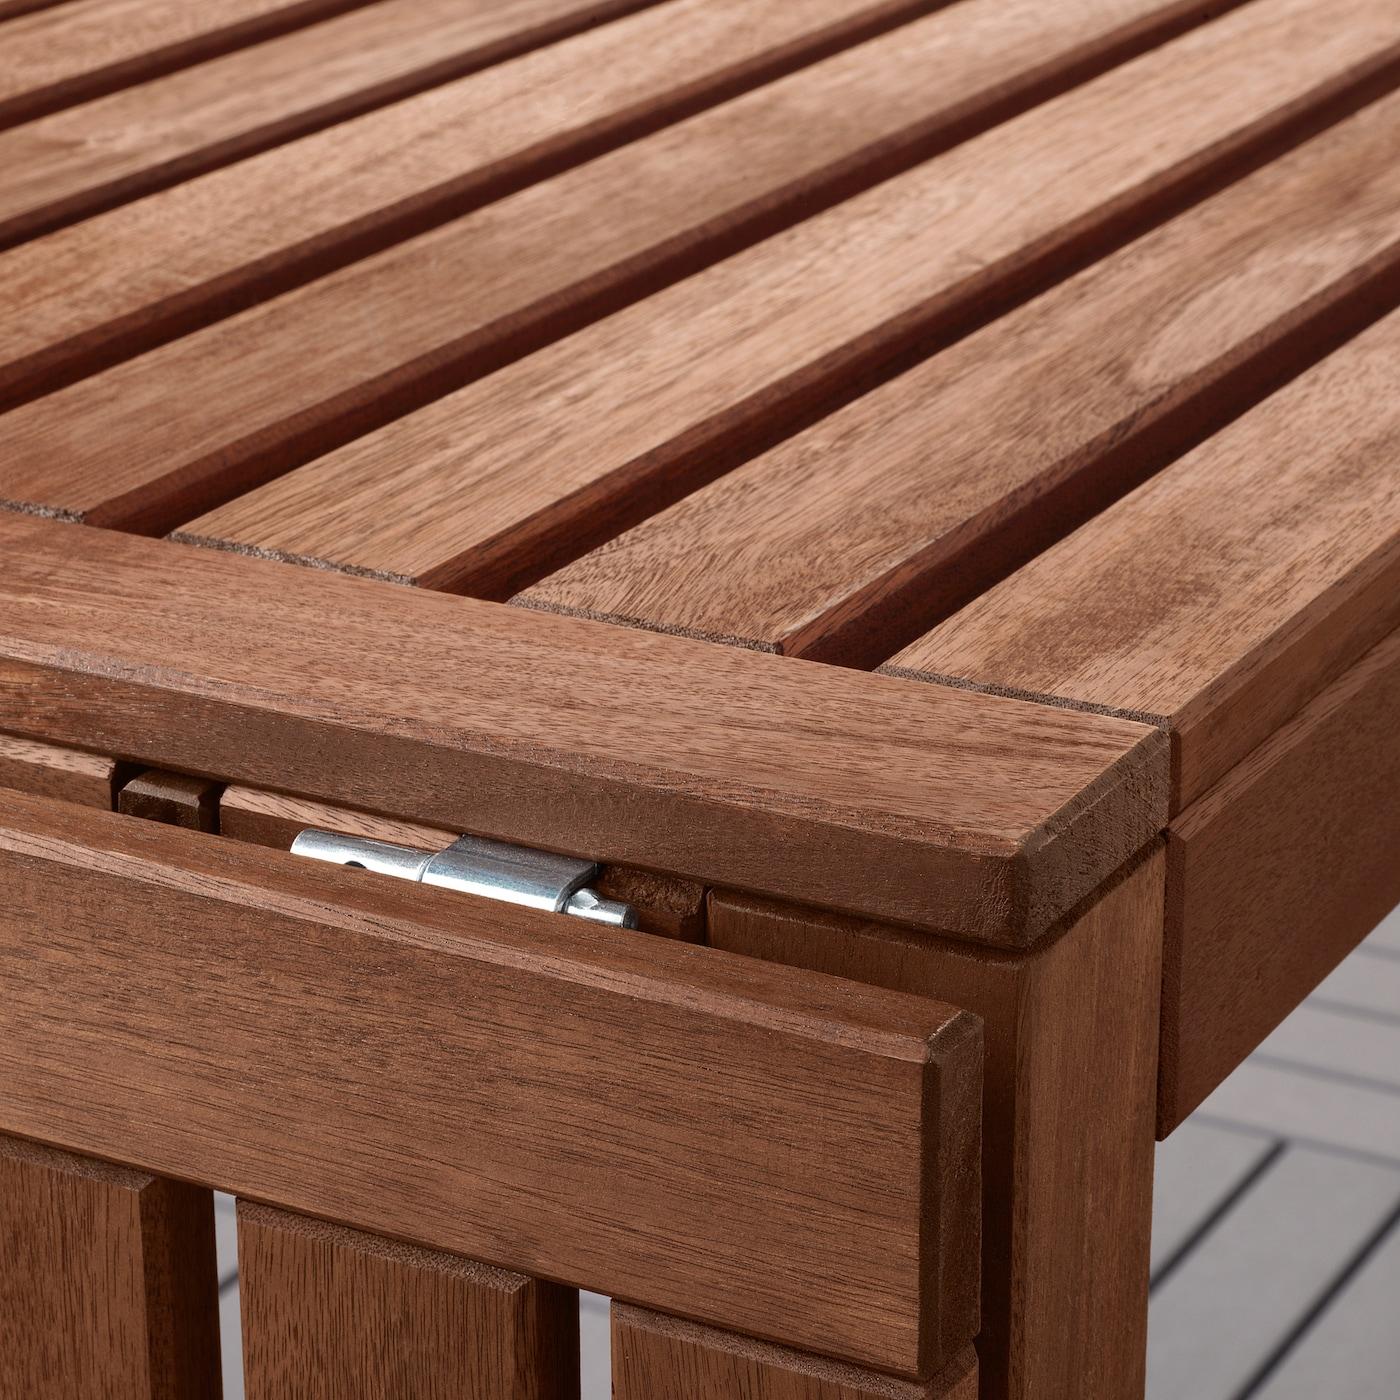 ÄPPLARÖ طاولة+4كراسي بمساند ذراعين،خارجية, صباغ بني/Järpön/Duvholmen فحمي